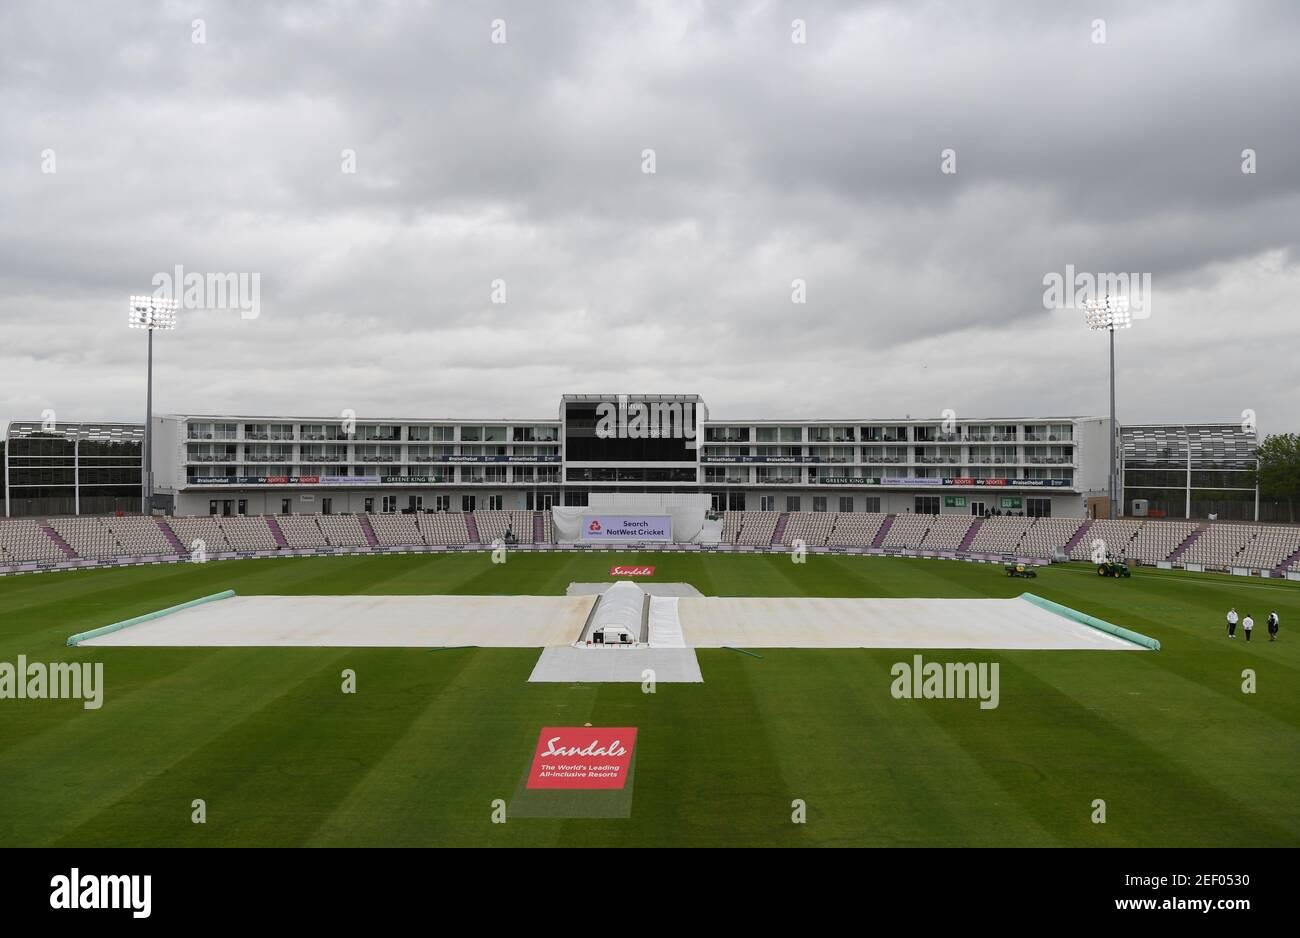 Cricket - First Test - England v West Indies - Rose Bowl Cricket Stadium, Southampton, Royaume-Uni - 8 juillet 2020 UNE vue générale du terrain couvert par un retard de pluie, alors que le cricket reprend derrière des portes fermées après l'épidémie de coronavirus (COVID-19) Mike Hewitt/Pool via REUTERS Banque D'Images